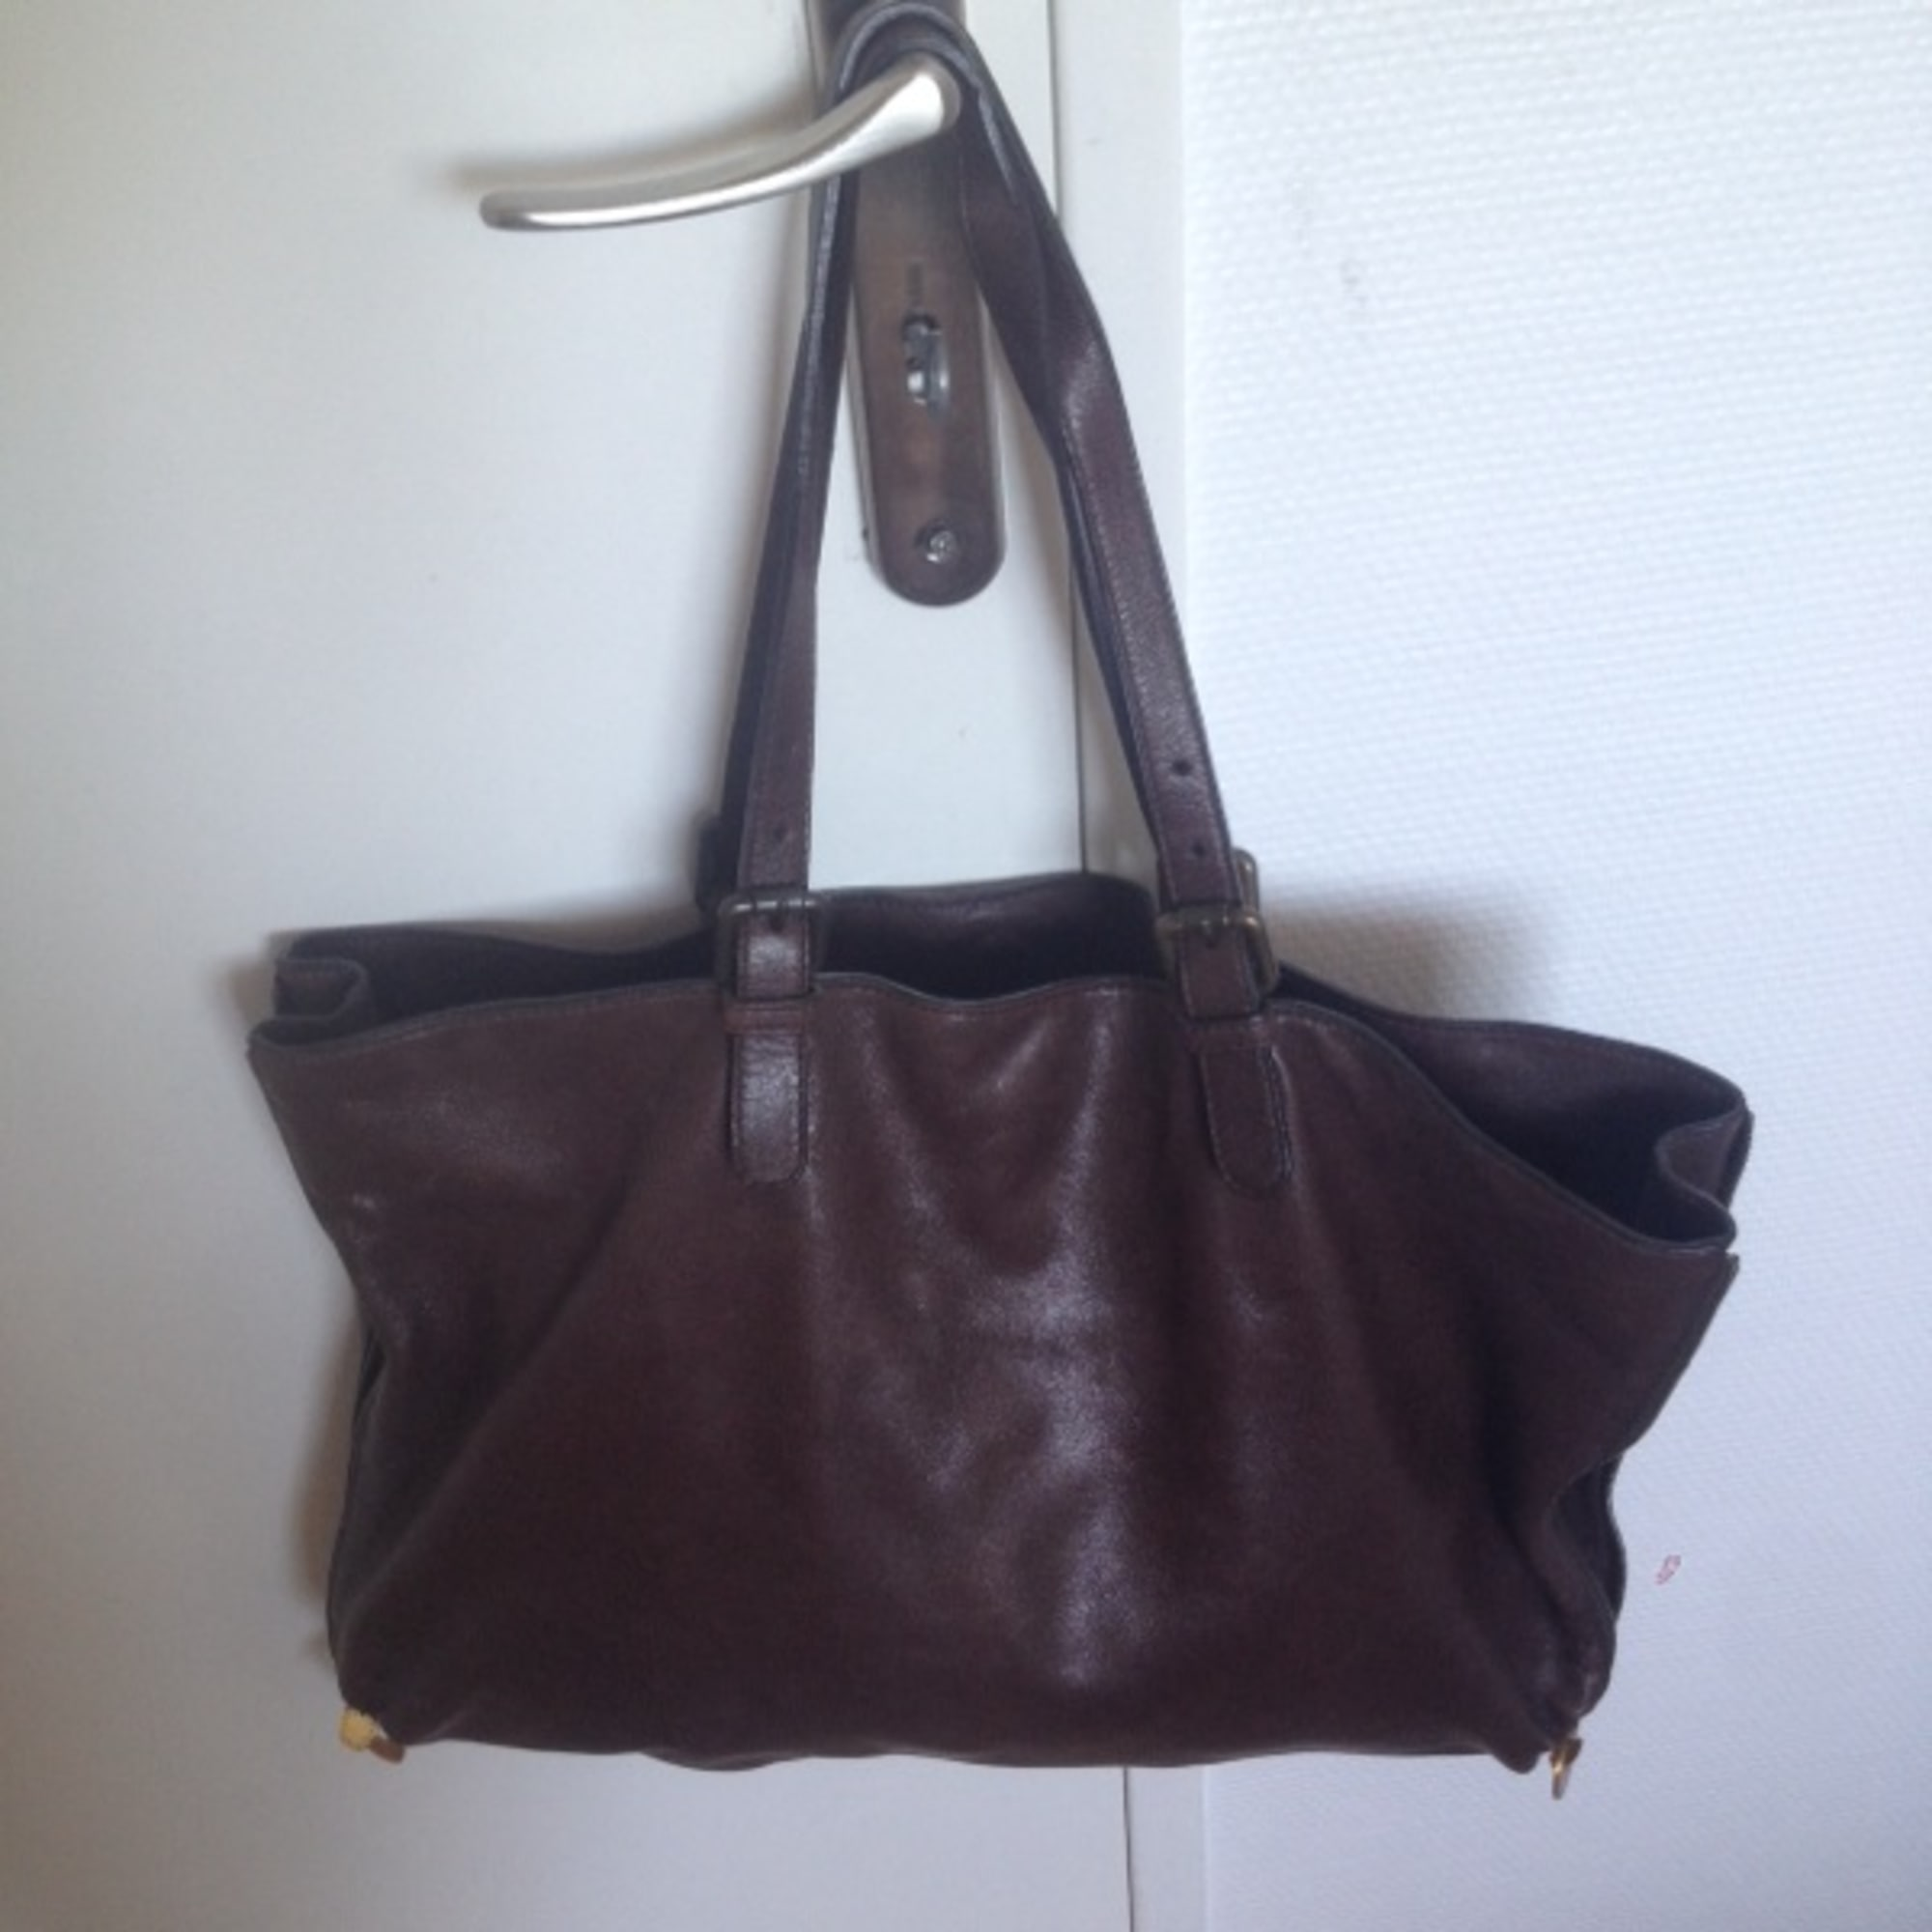 05a7f2830d35d Sac à main en cuir GERARD DAREL marron vendu par Clelia k - 1540518